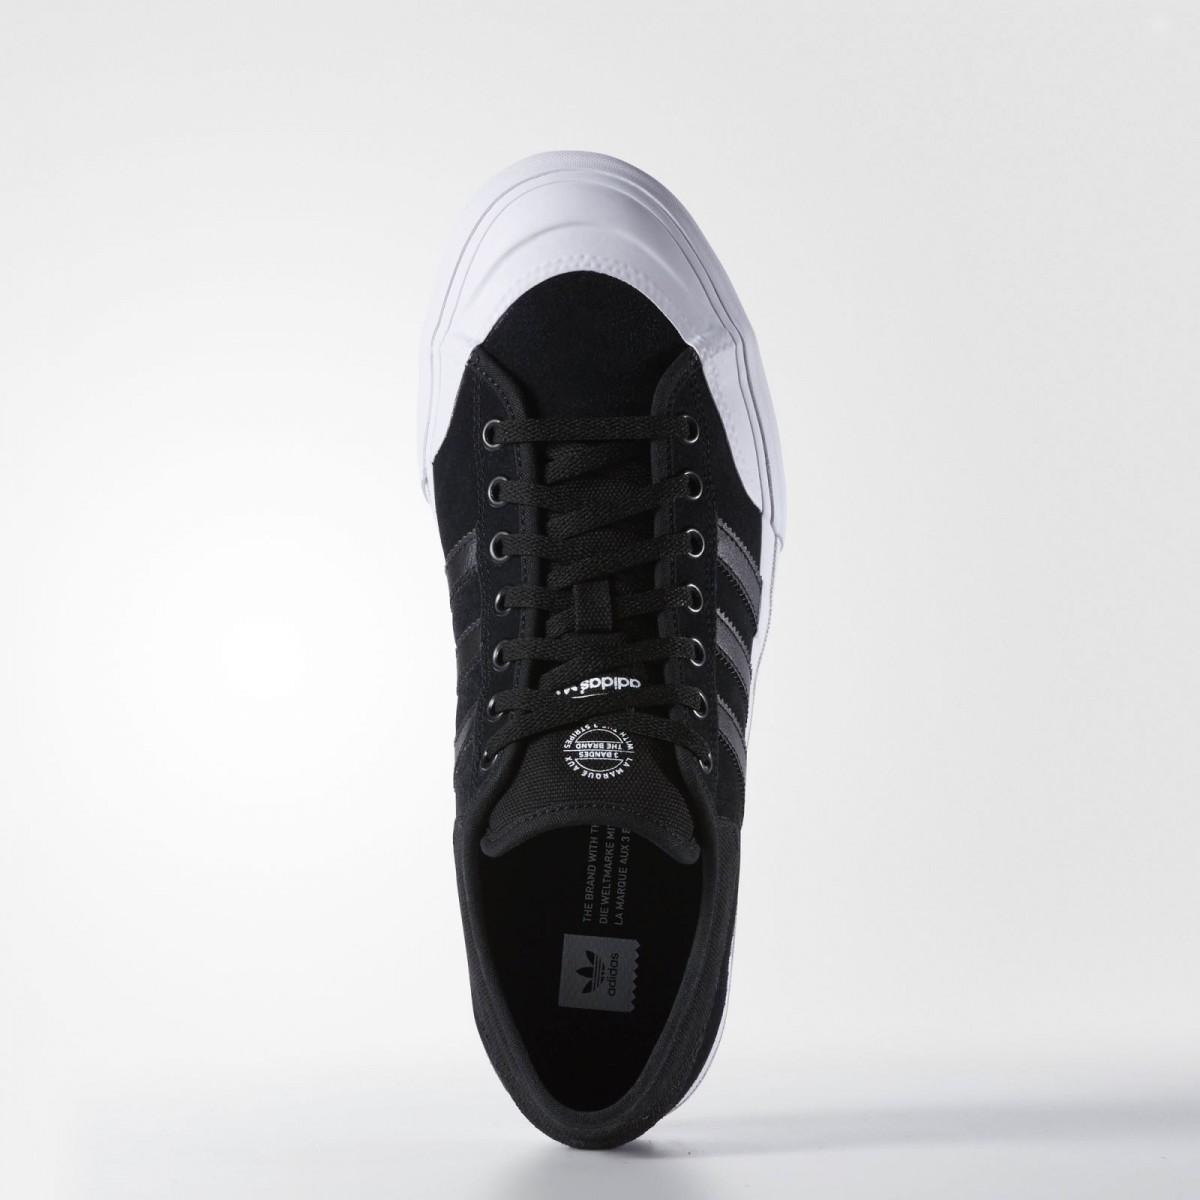 chaussures de skate adidas